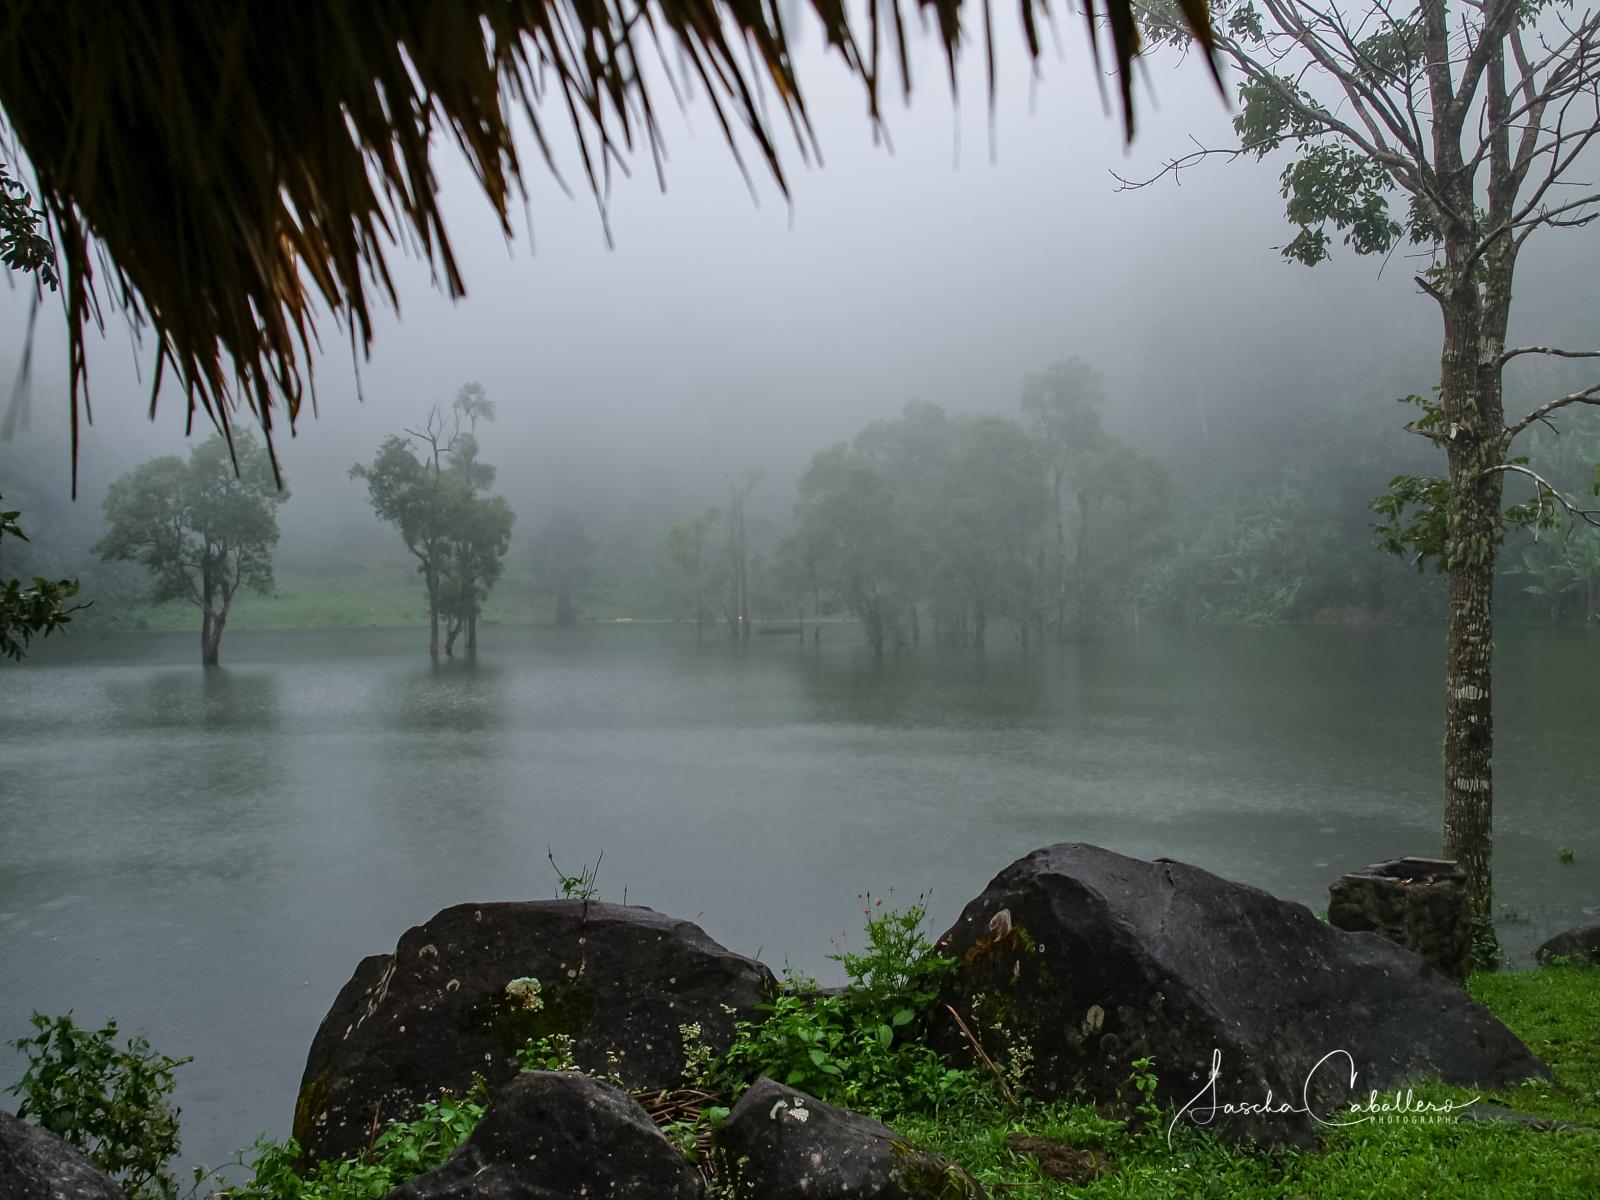 Negros Regenwald